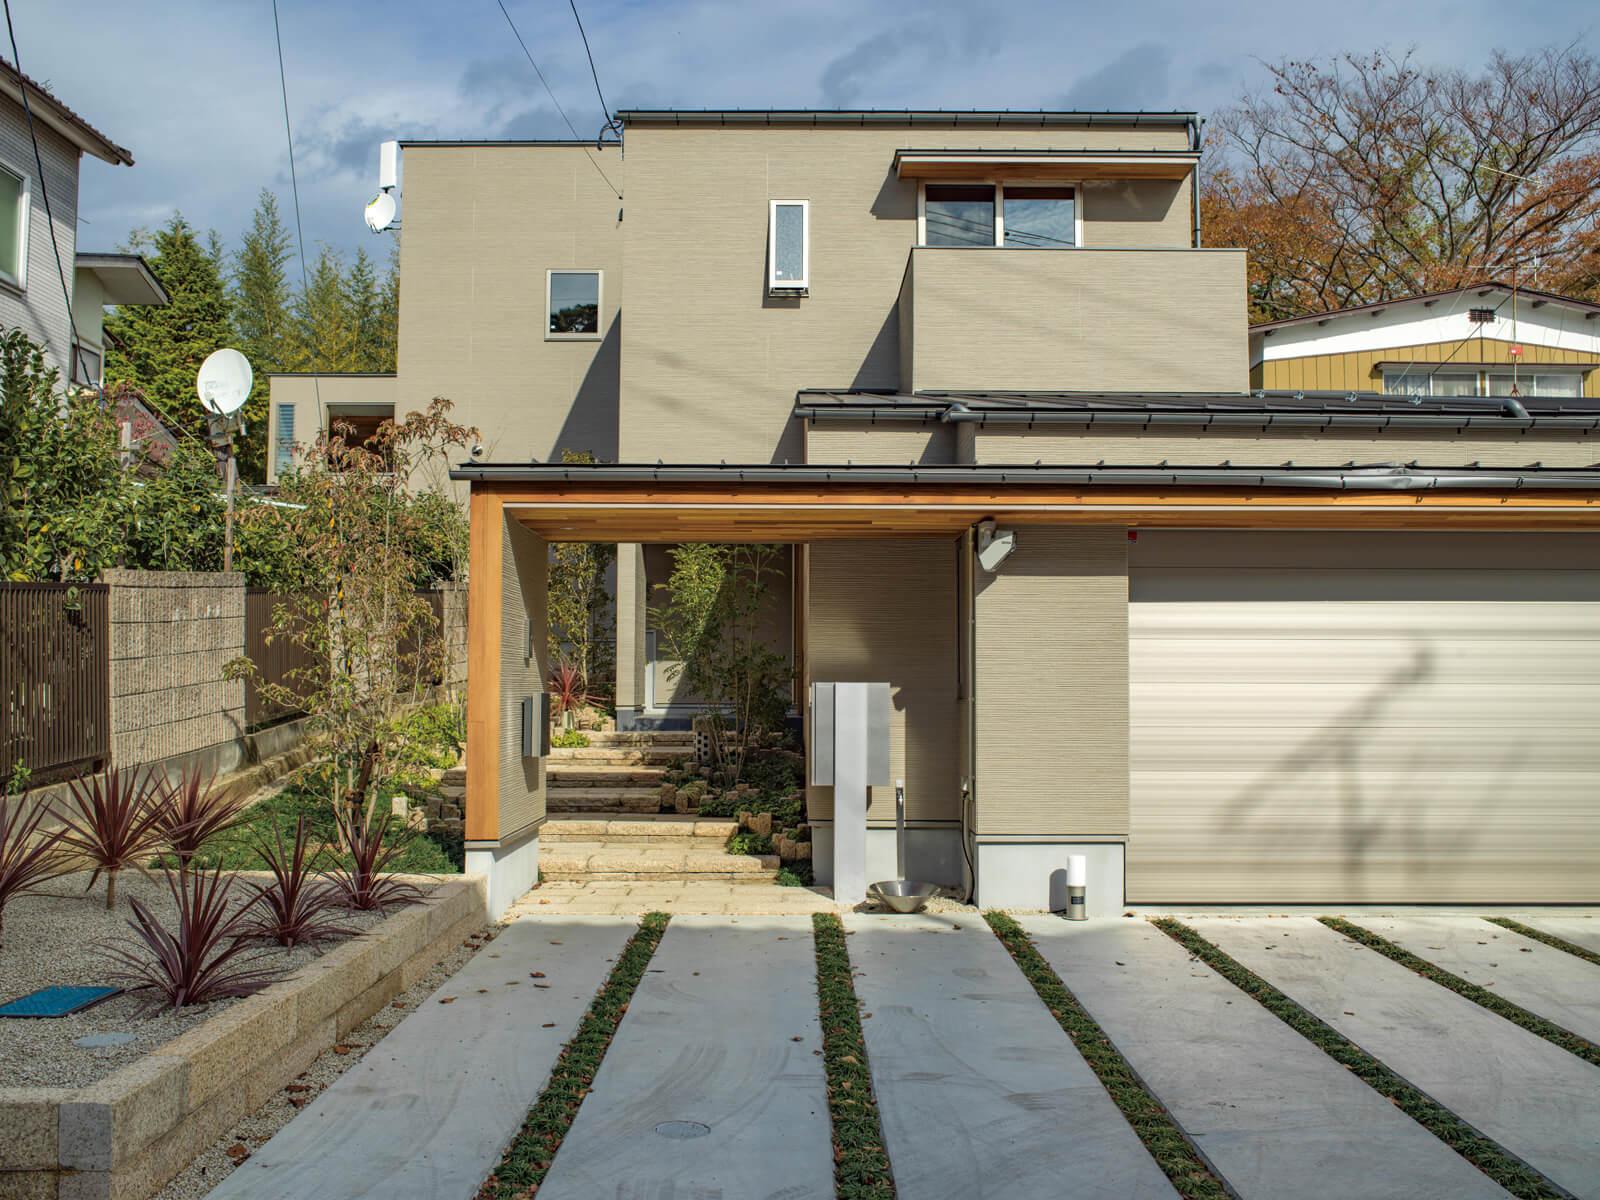 低く構えた家の門は、ガレージに組み込んで建物と一体感を持たせた